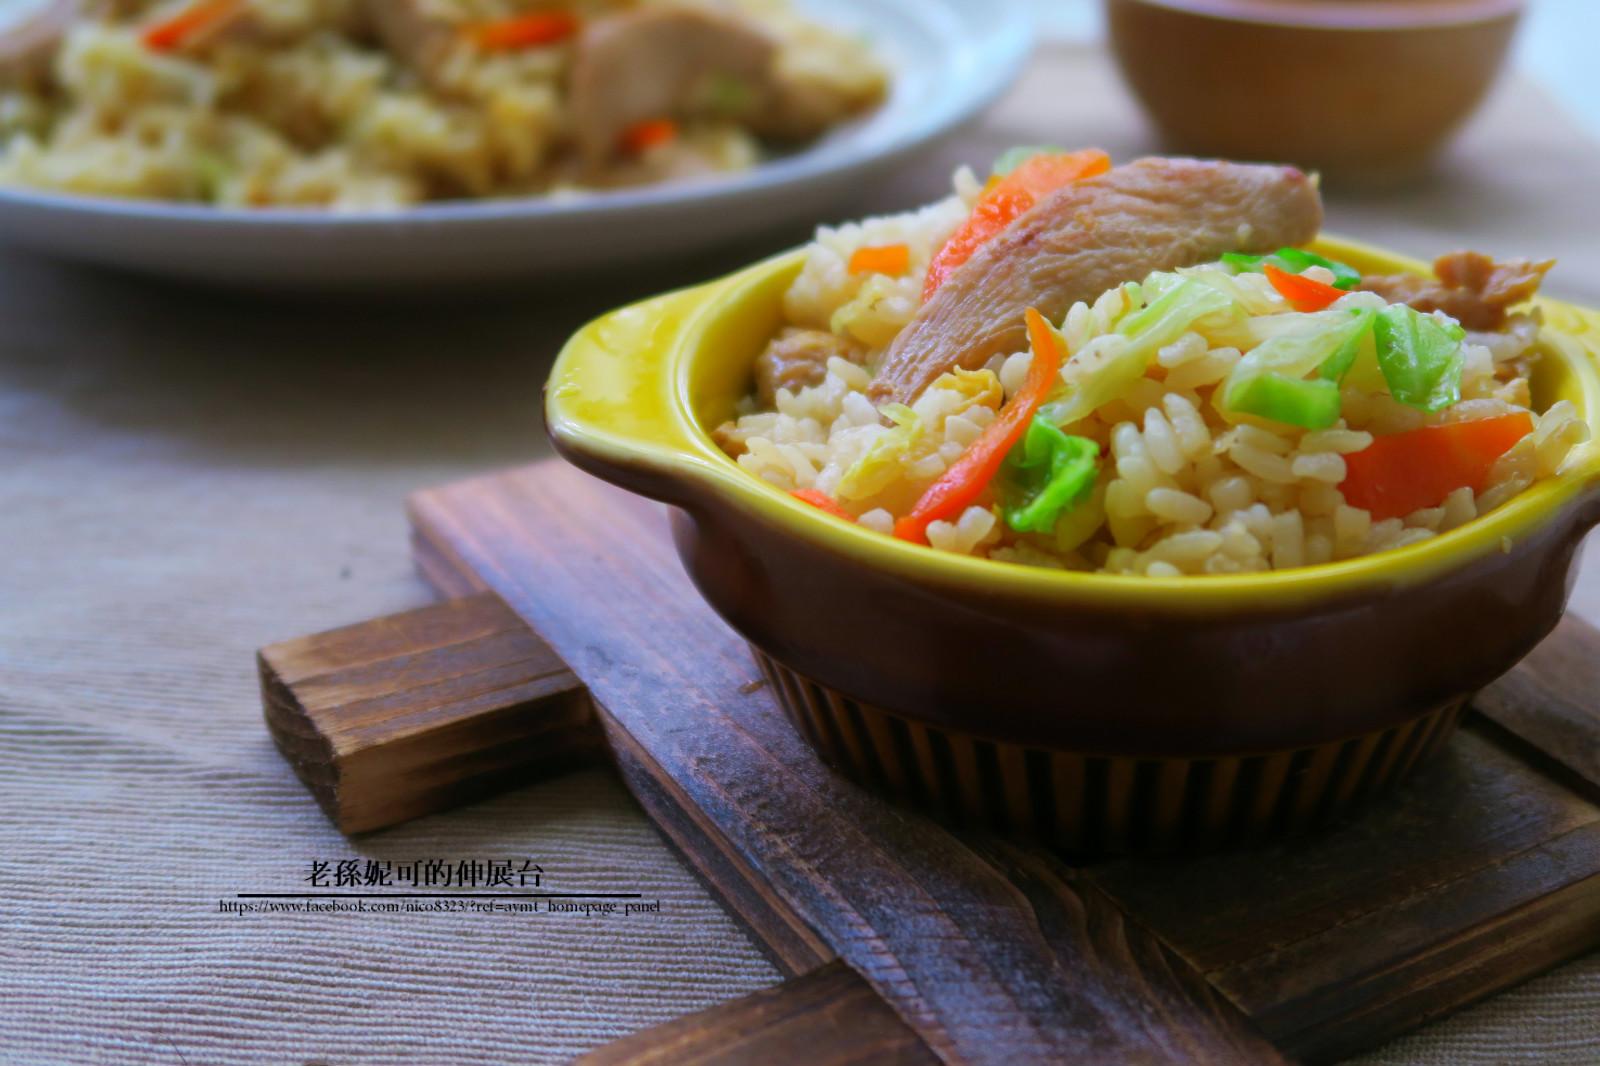 高麗菜雞肉炒飯